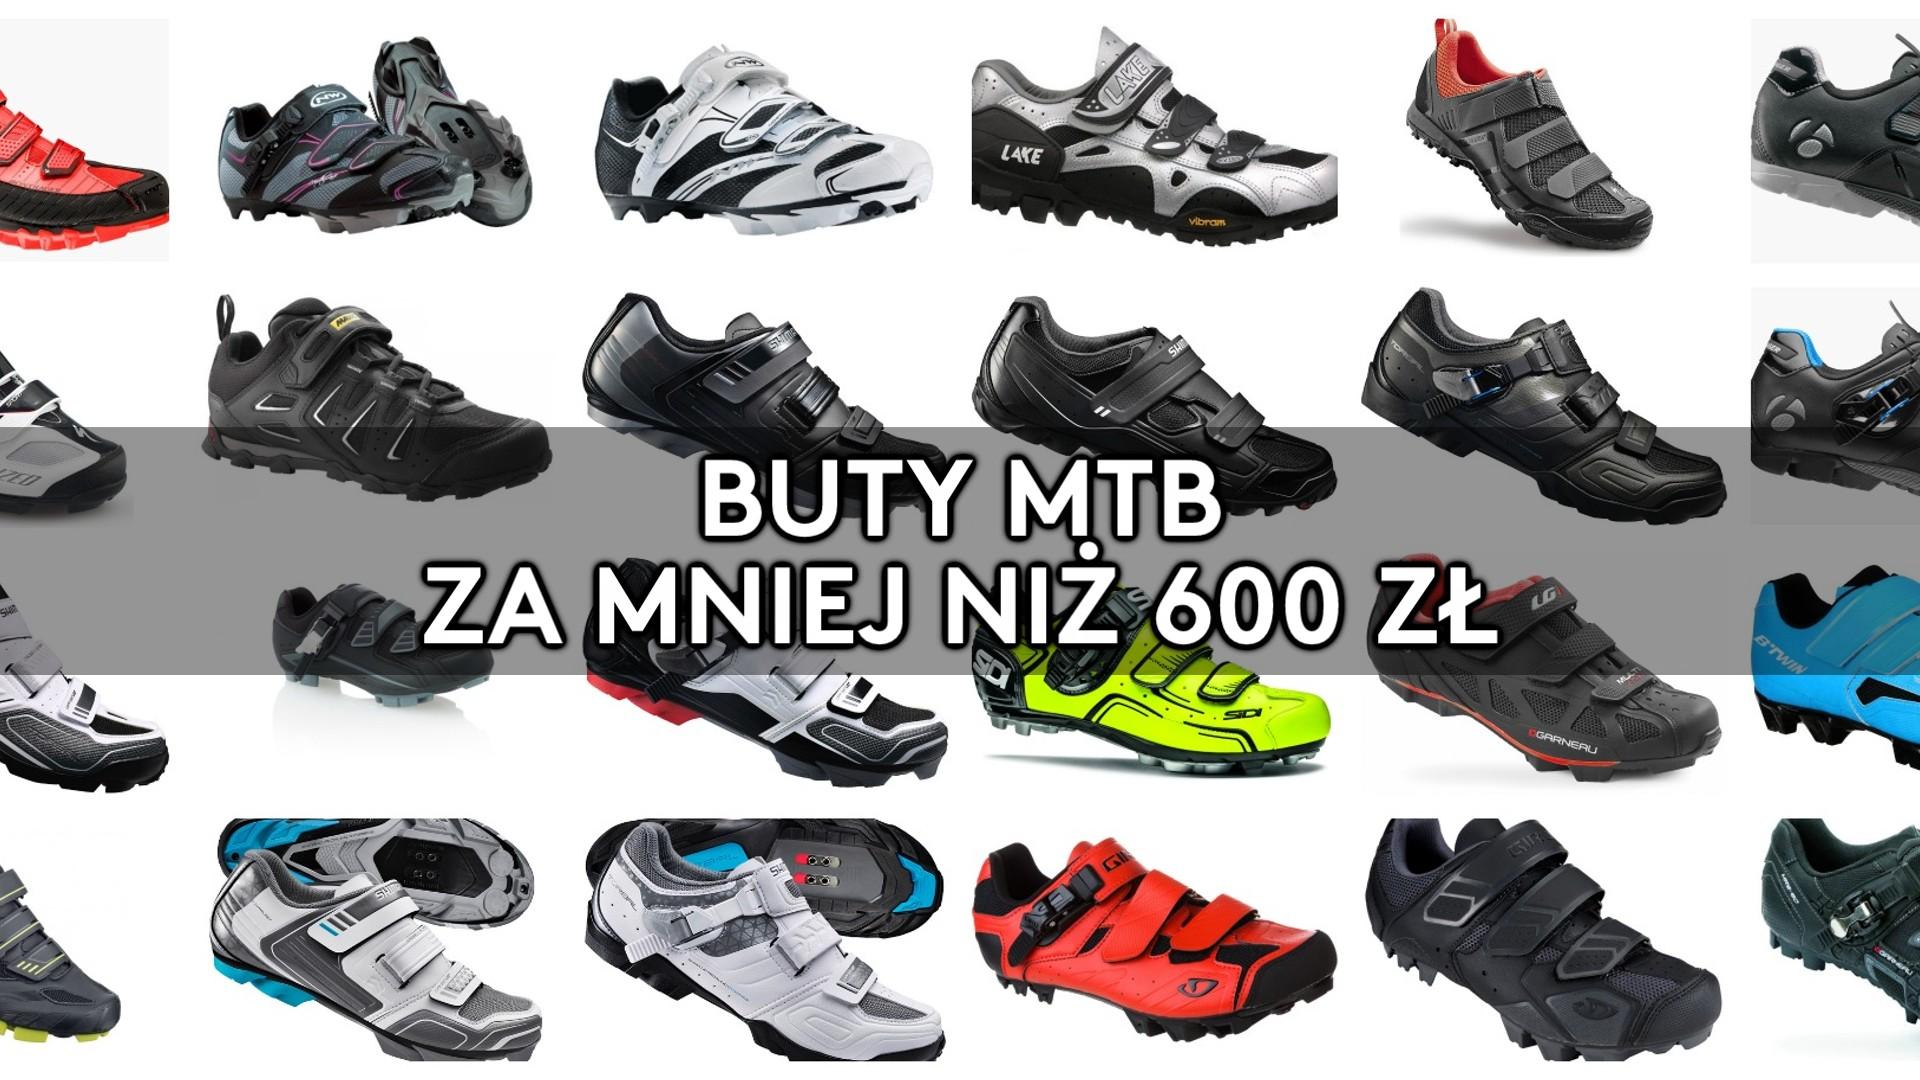 Buty MTB za mniej niż 600 zł